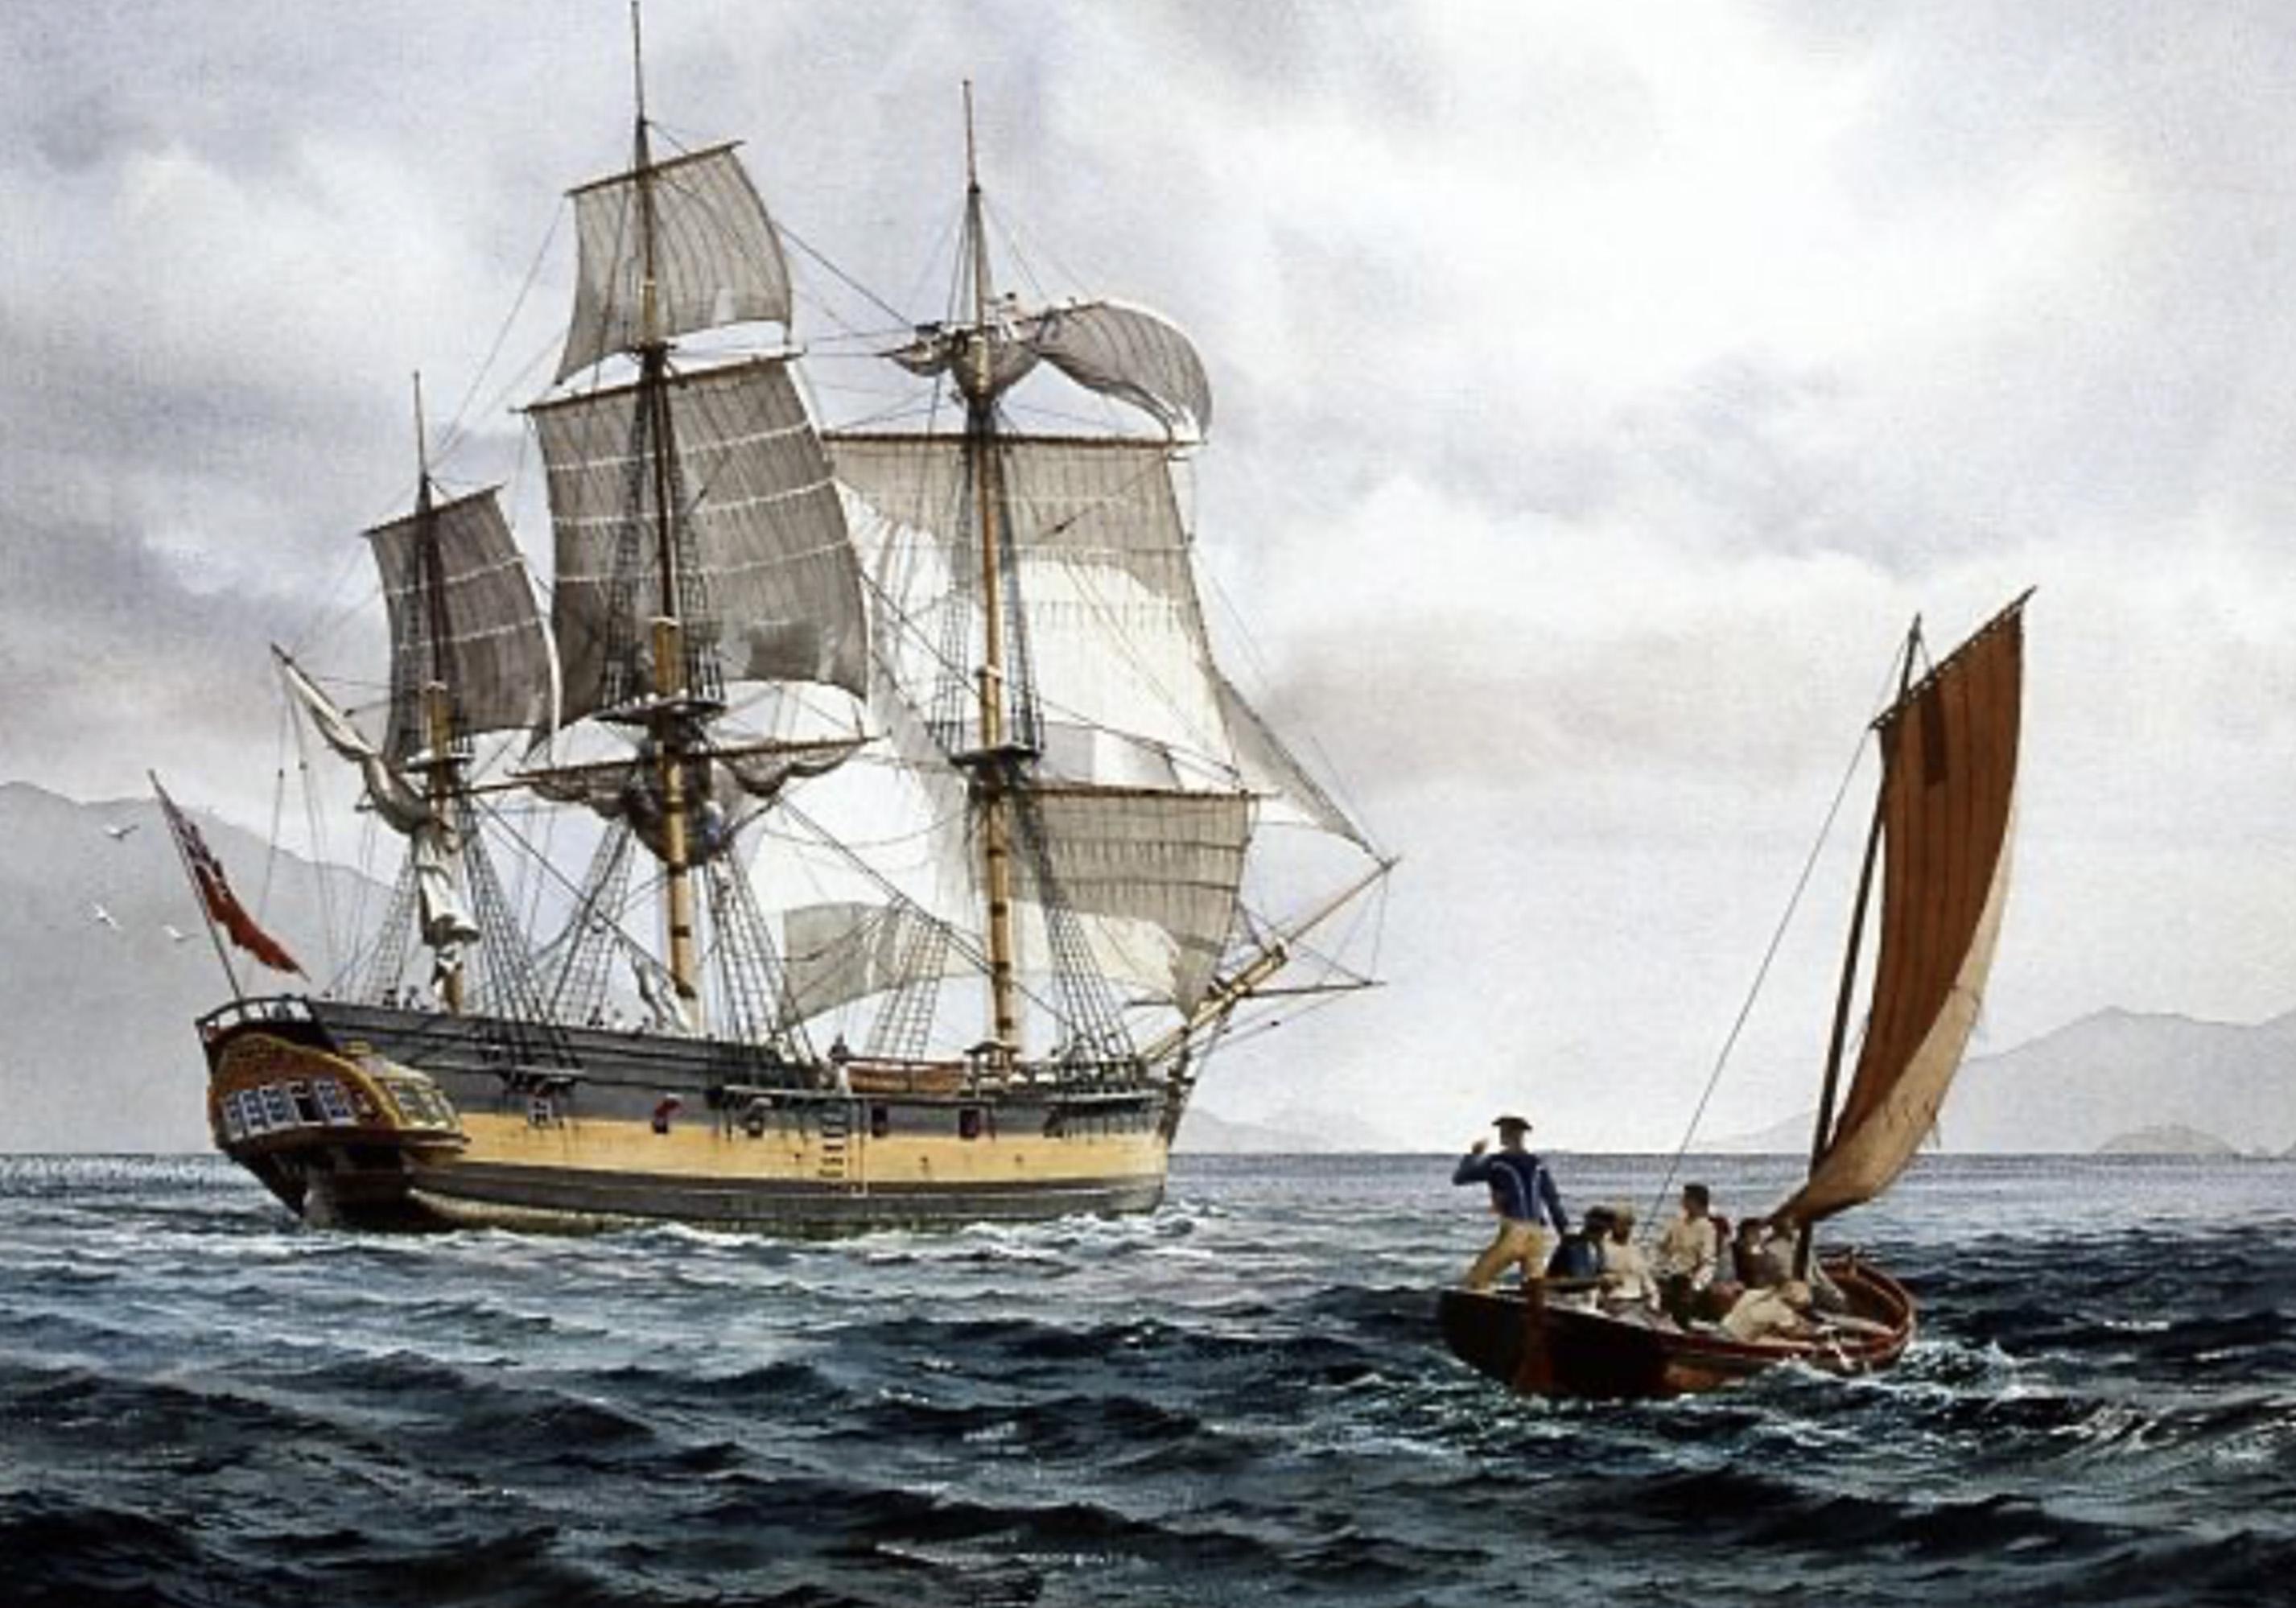 Le Discovery, vaisseau de Vancouver pendant son voyage de 1791 (droits réservés)